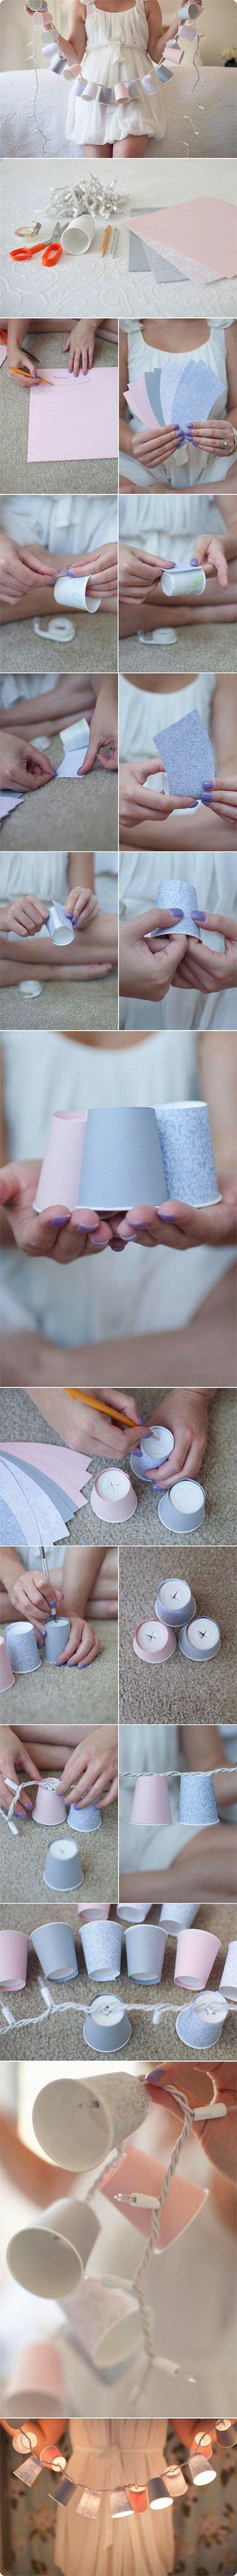 Leuk om zelf te maken | Leuke lampjes slinger maken Door 10uz